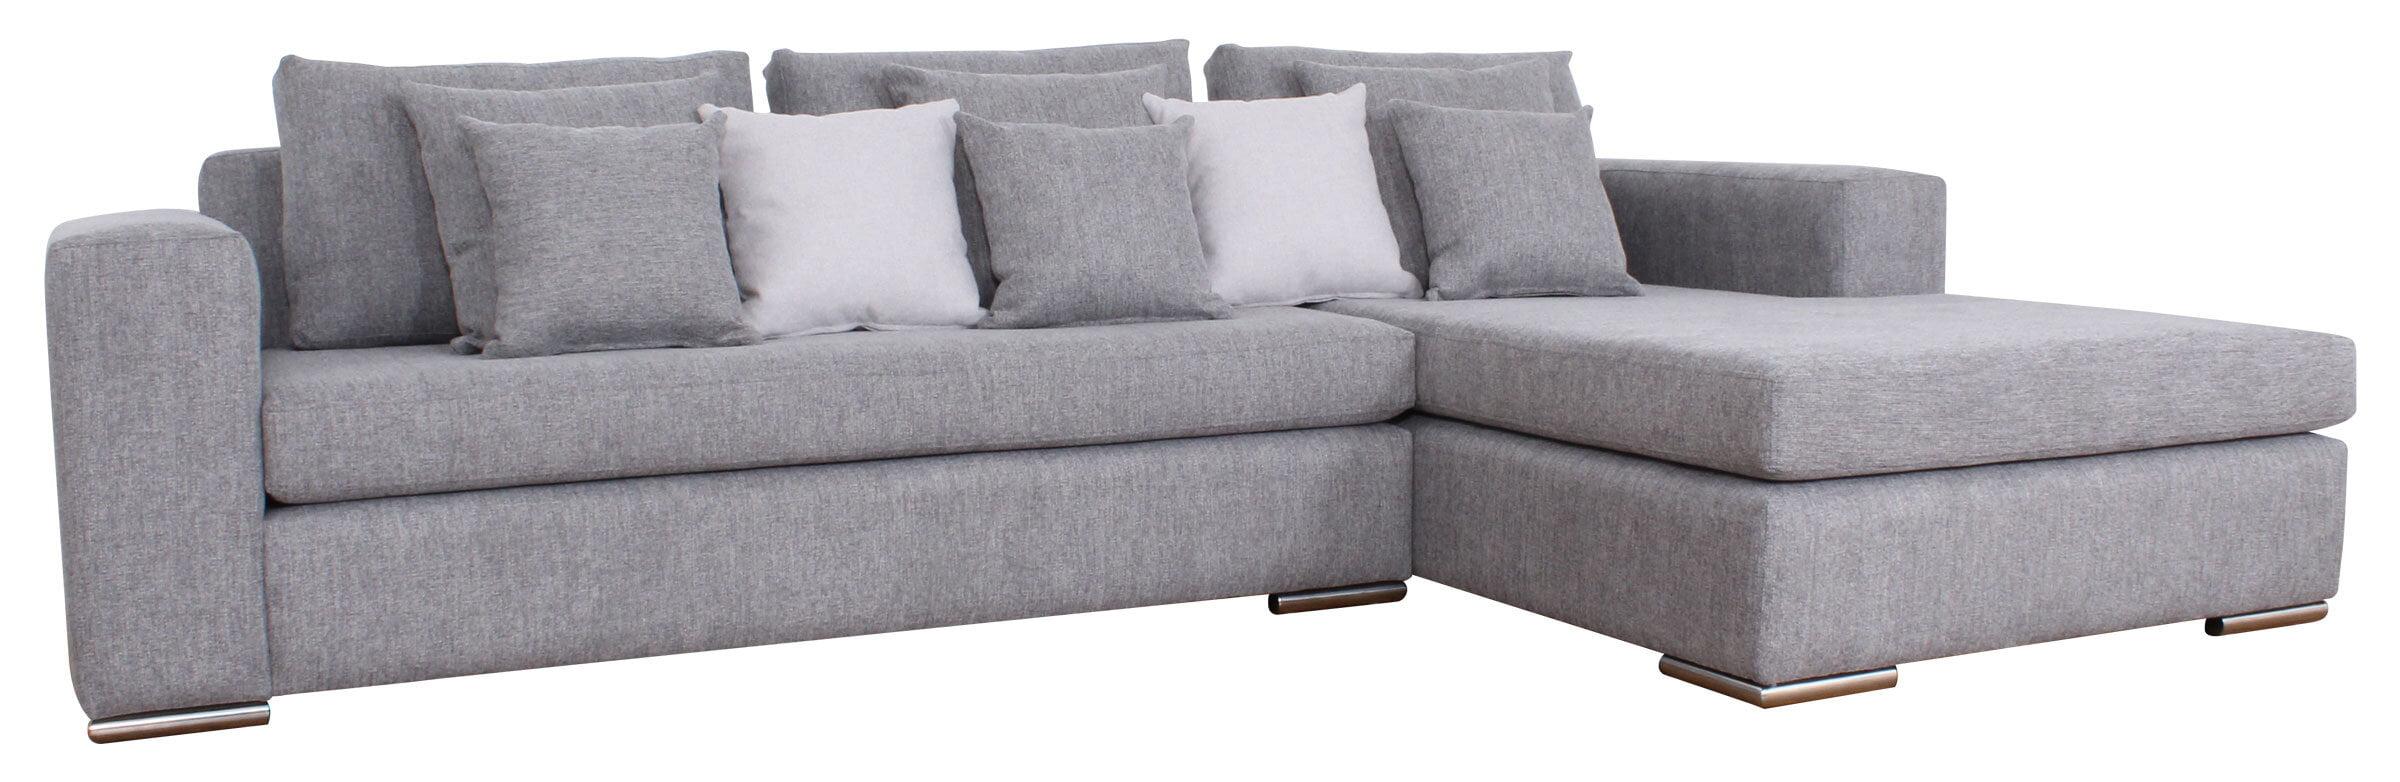 Sofa Secicnal Levante Gris